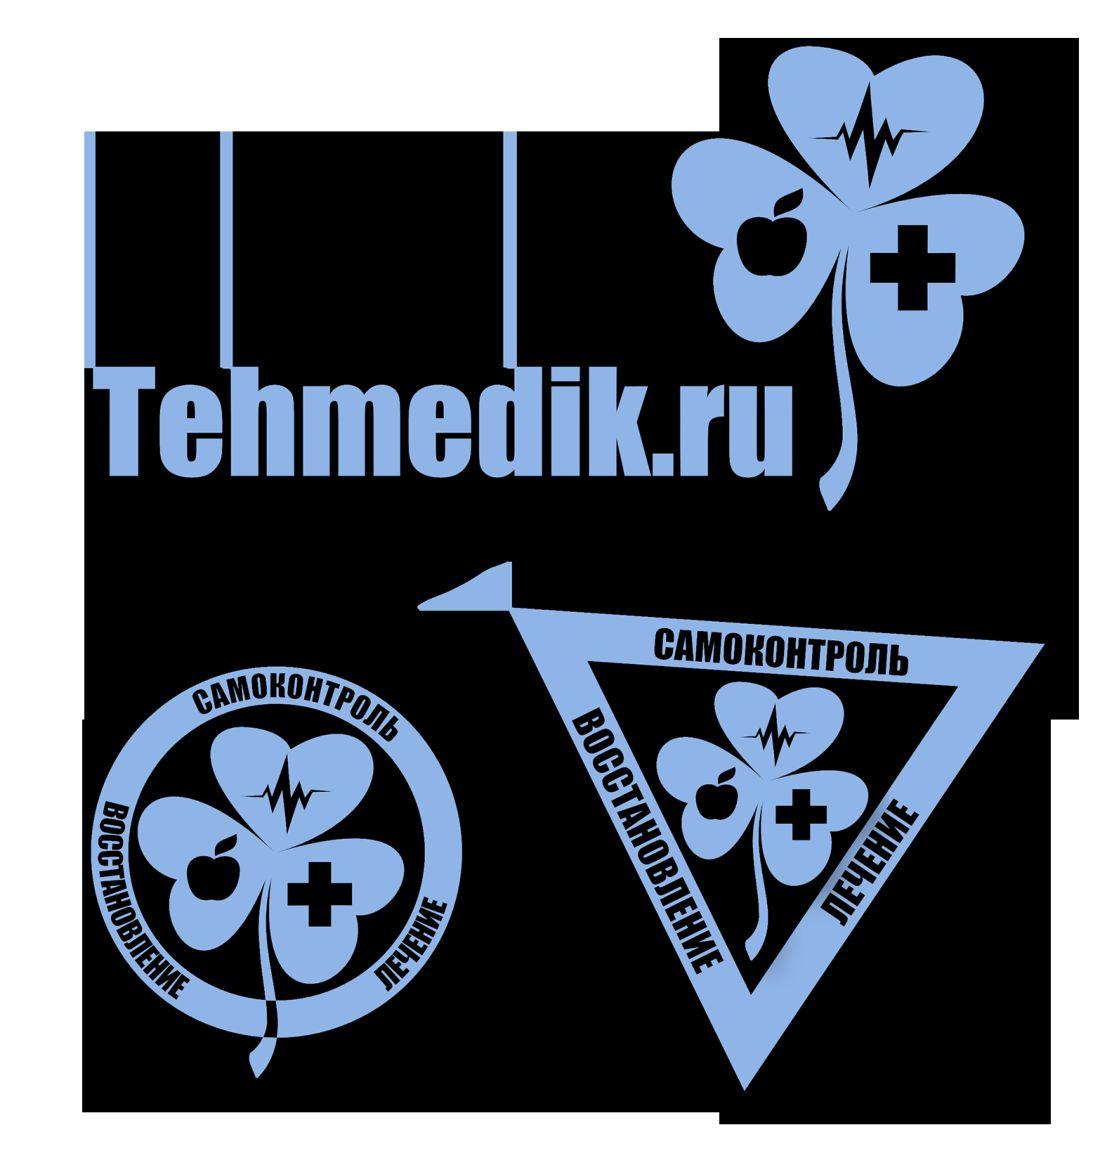 Логотип для интернет-магазина медтехники - дизайнер turboegoist